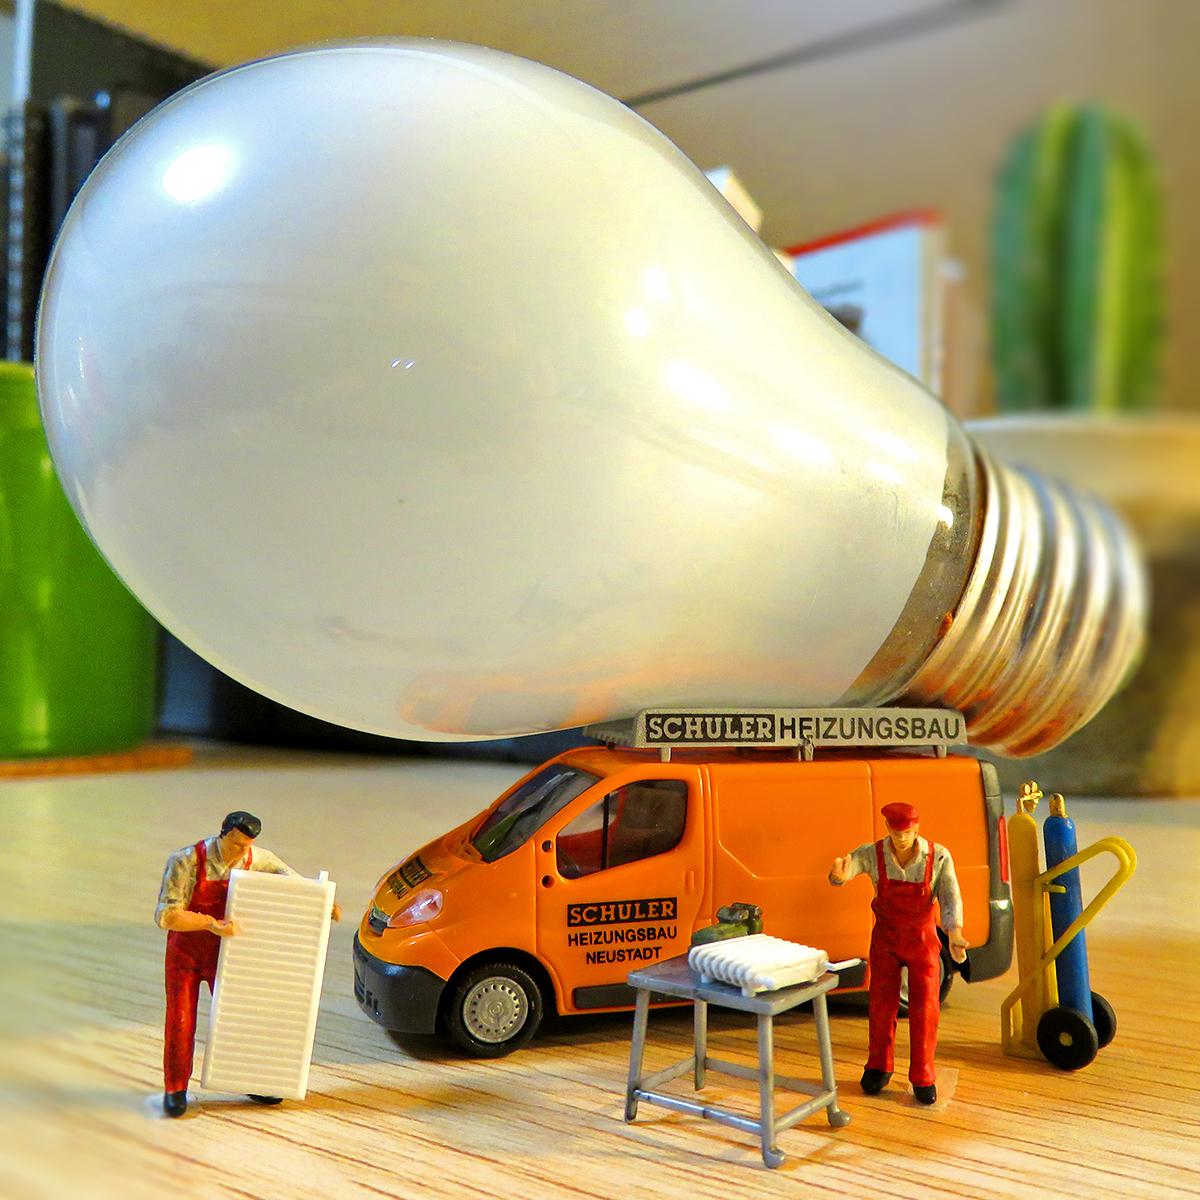 豆電球を取り替える出張サービスカーと作業員たち